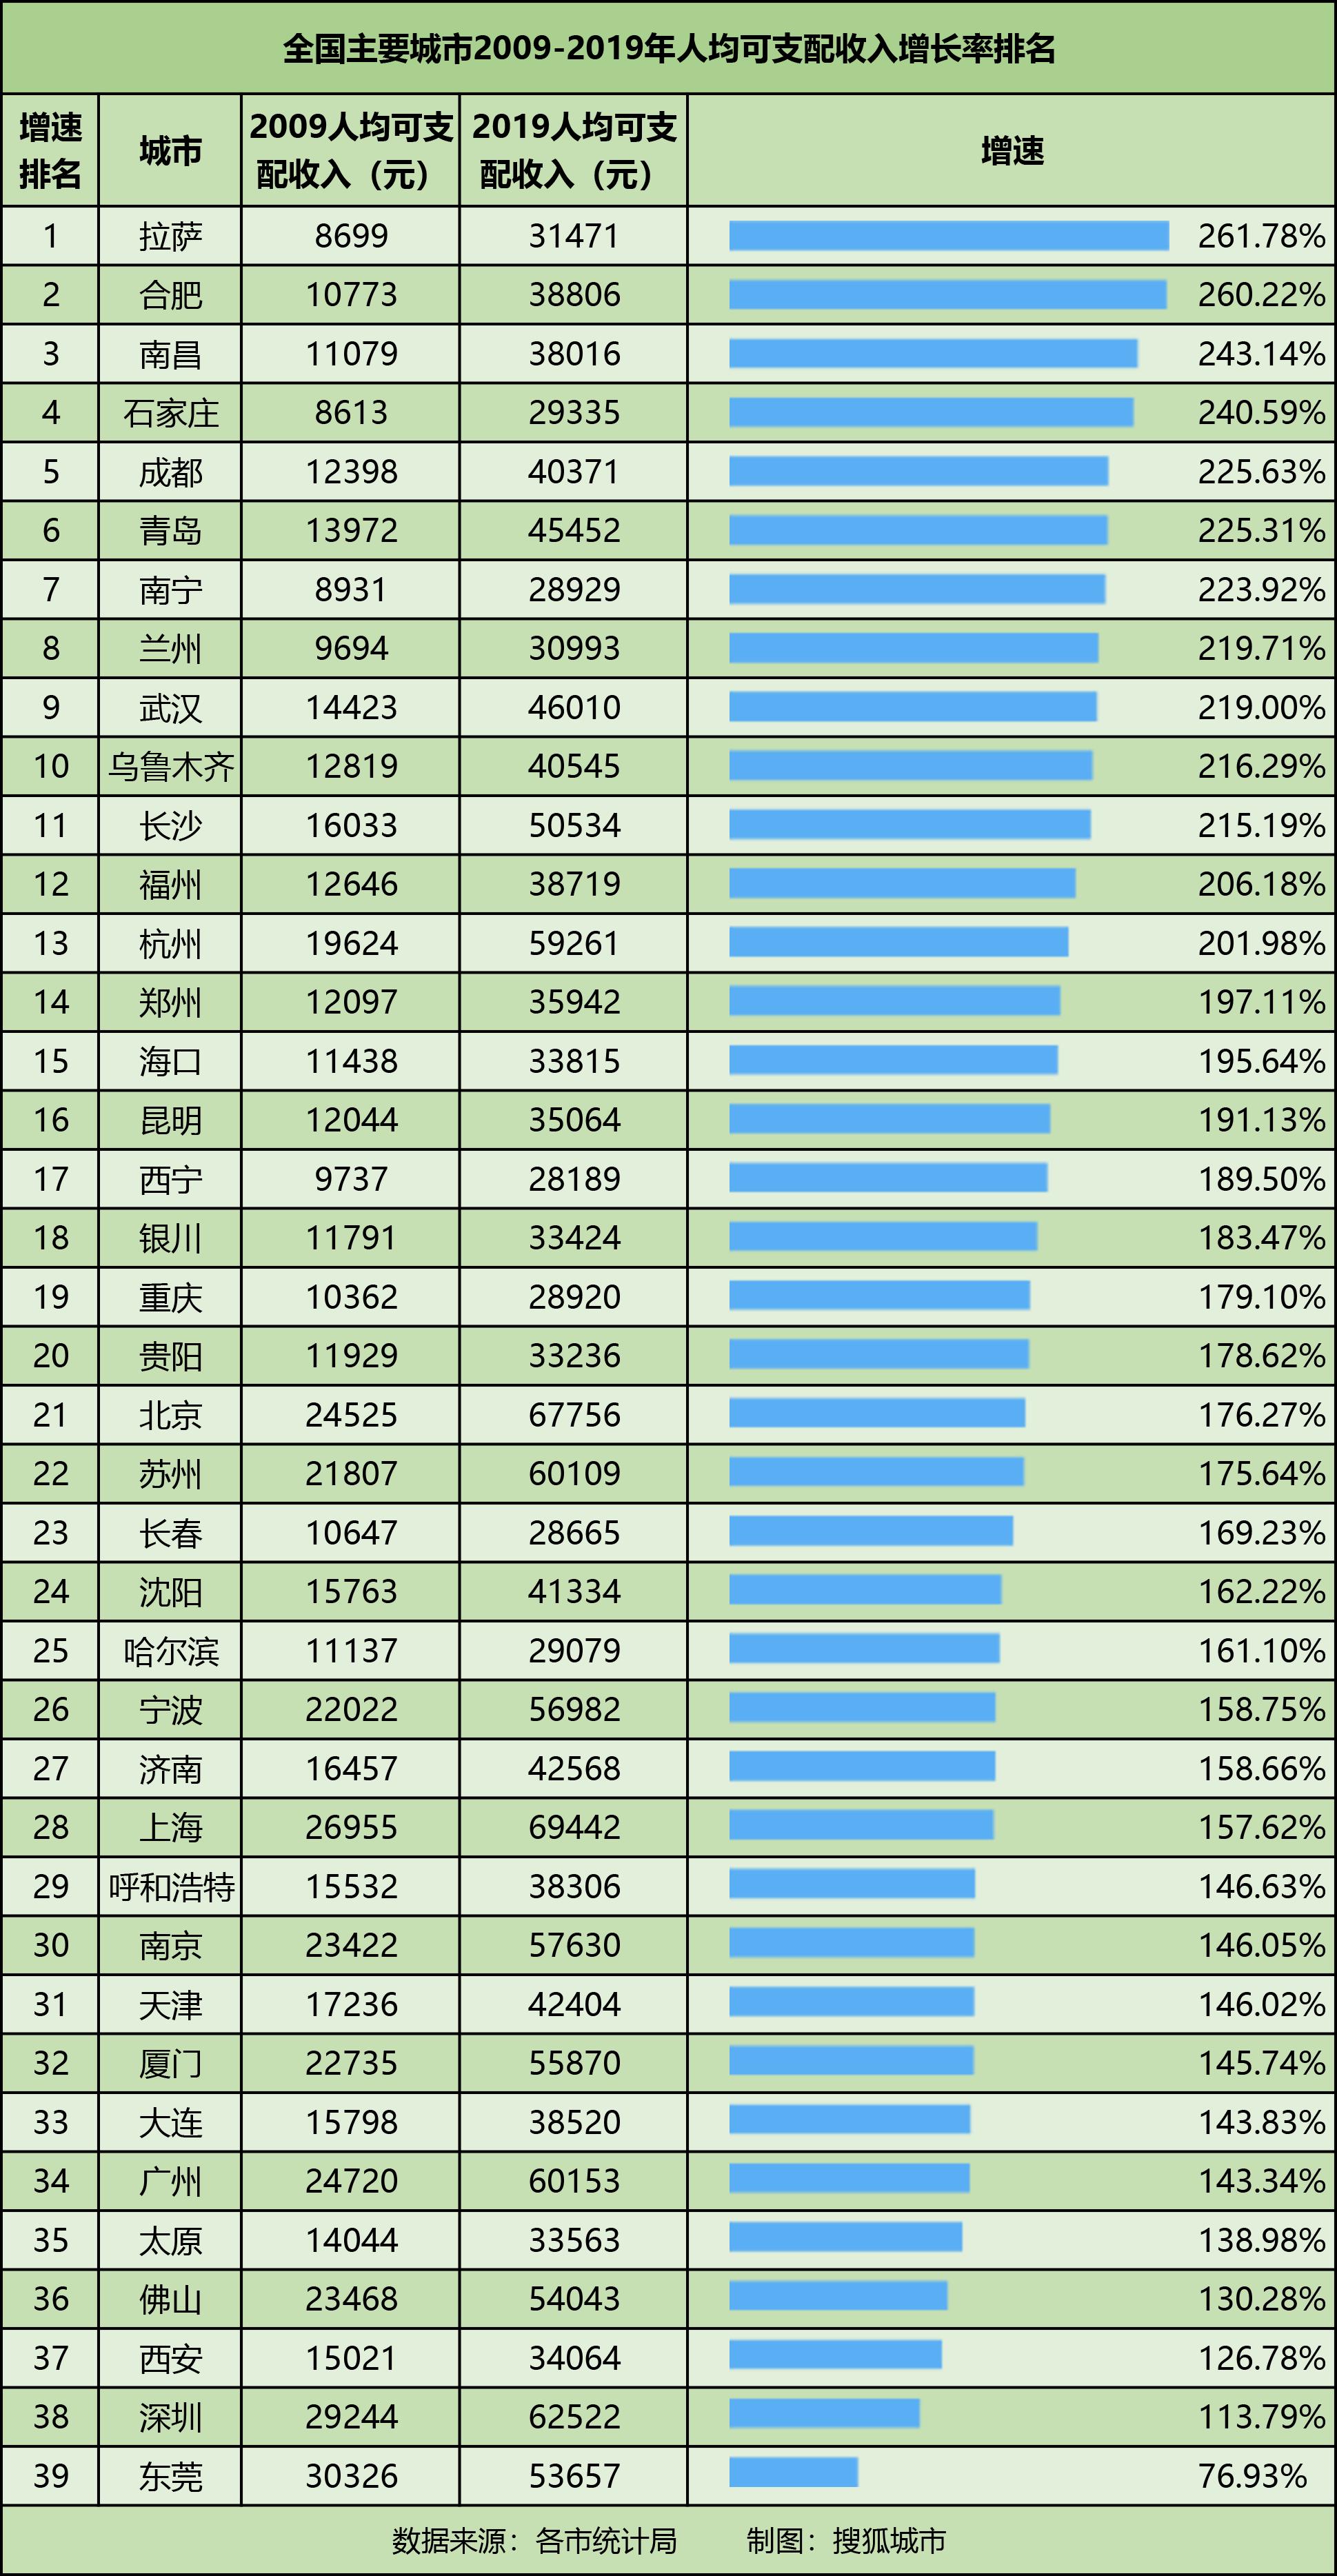 城市的人均gdp什么意思_人均GDP是什么意思